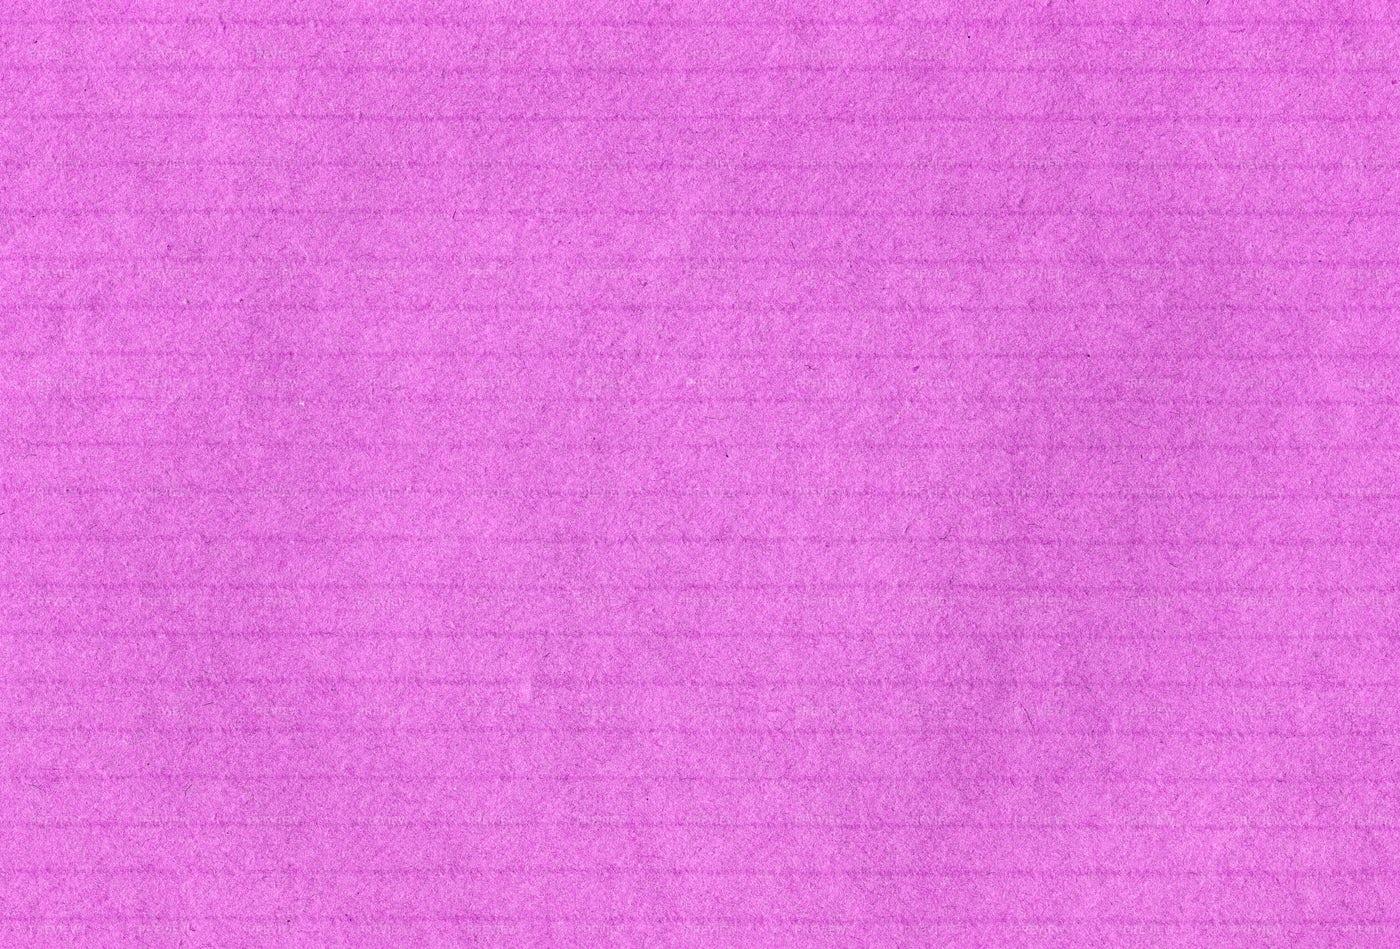 Pink Cardboard: Stock Photos